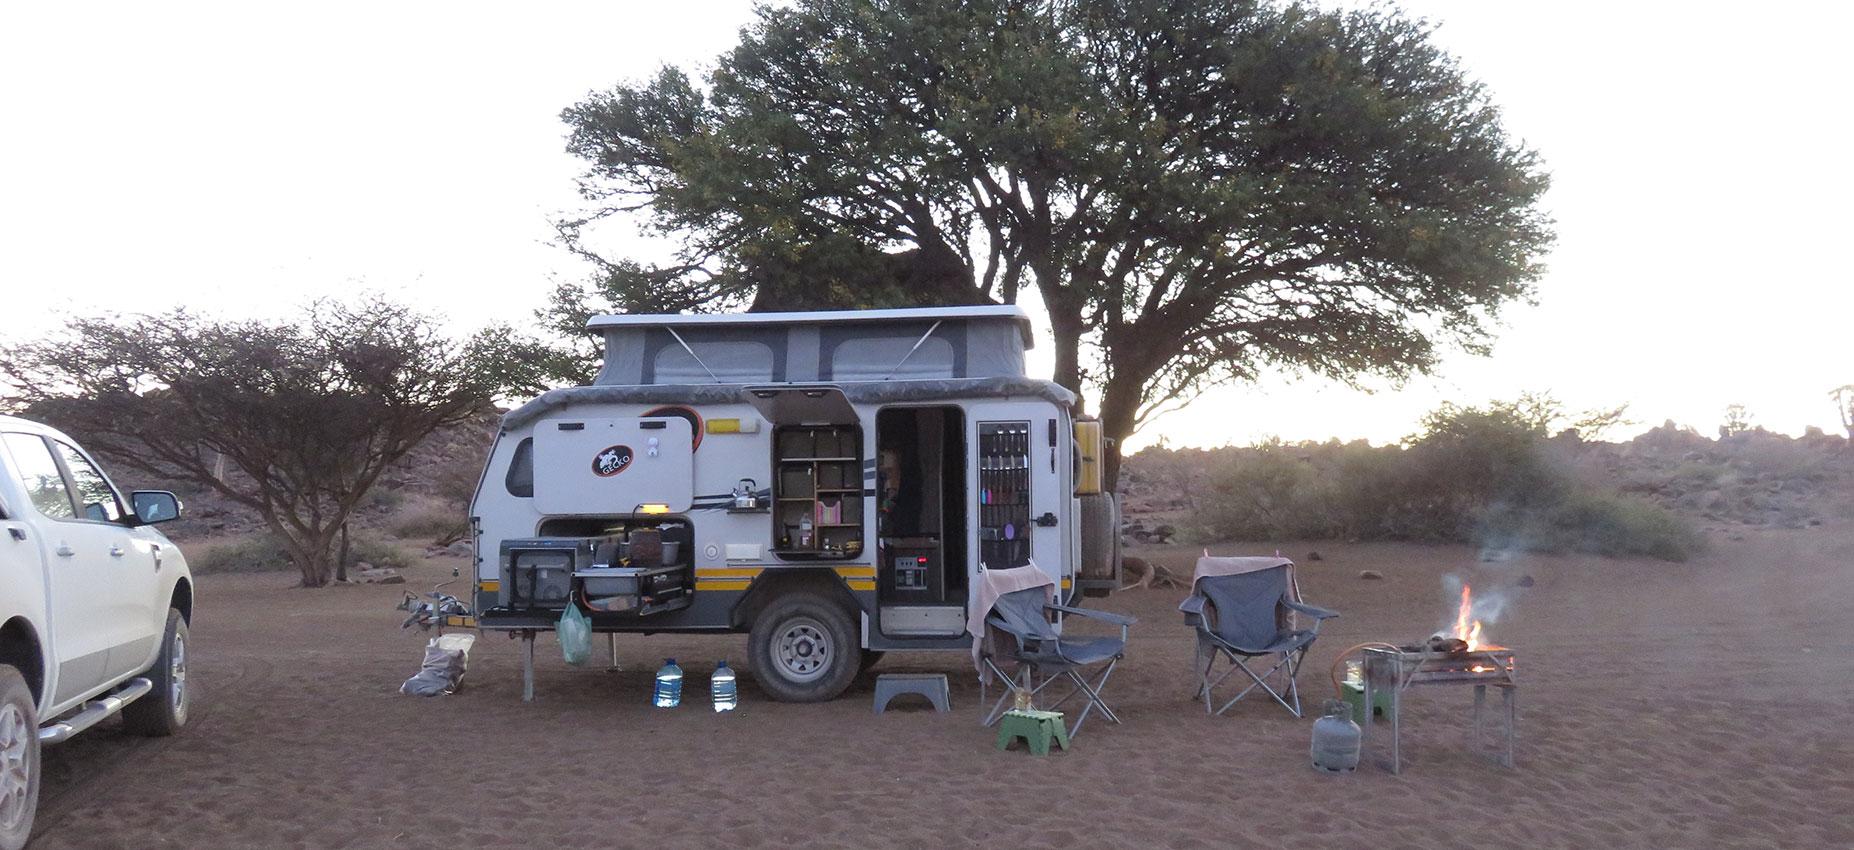 Offroad Caravan Under Tree